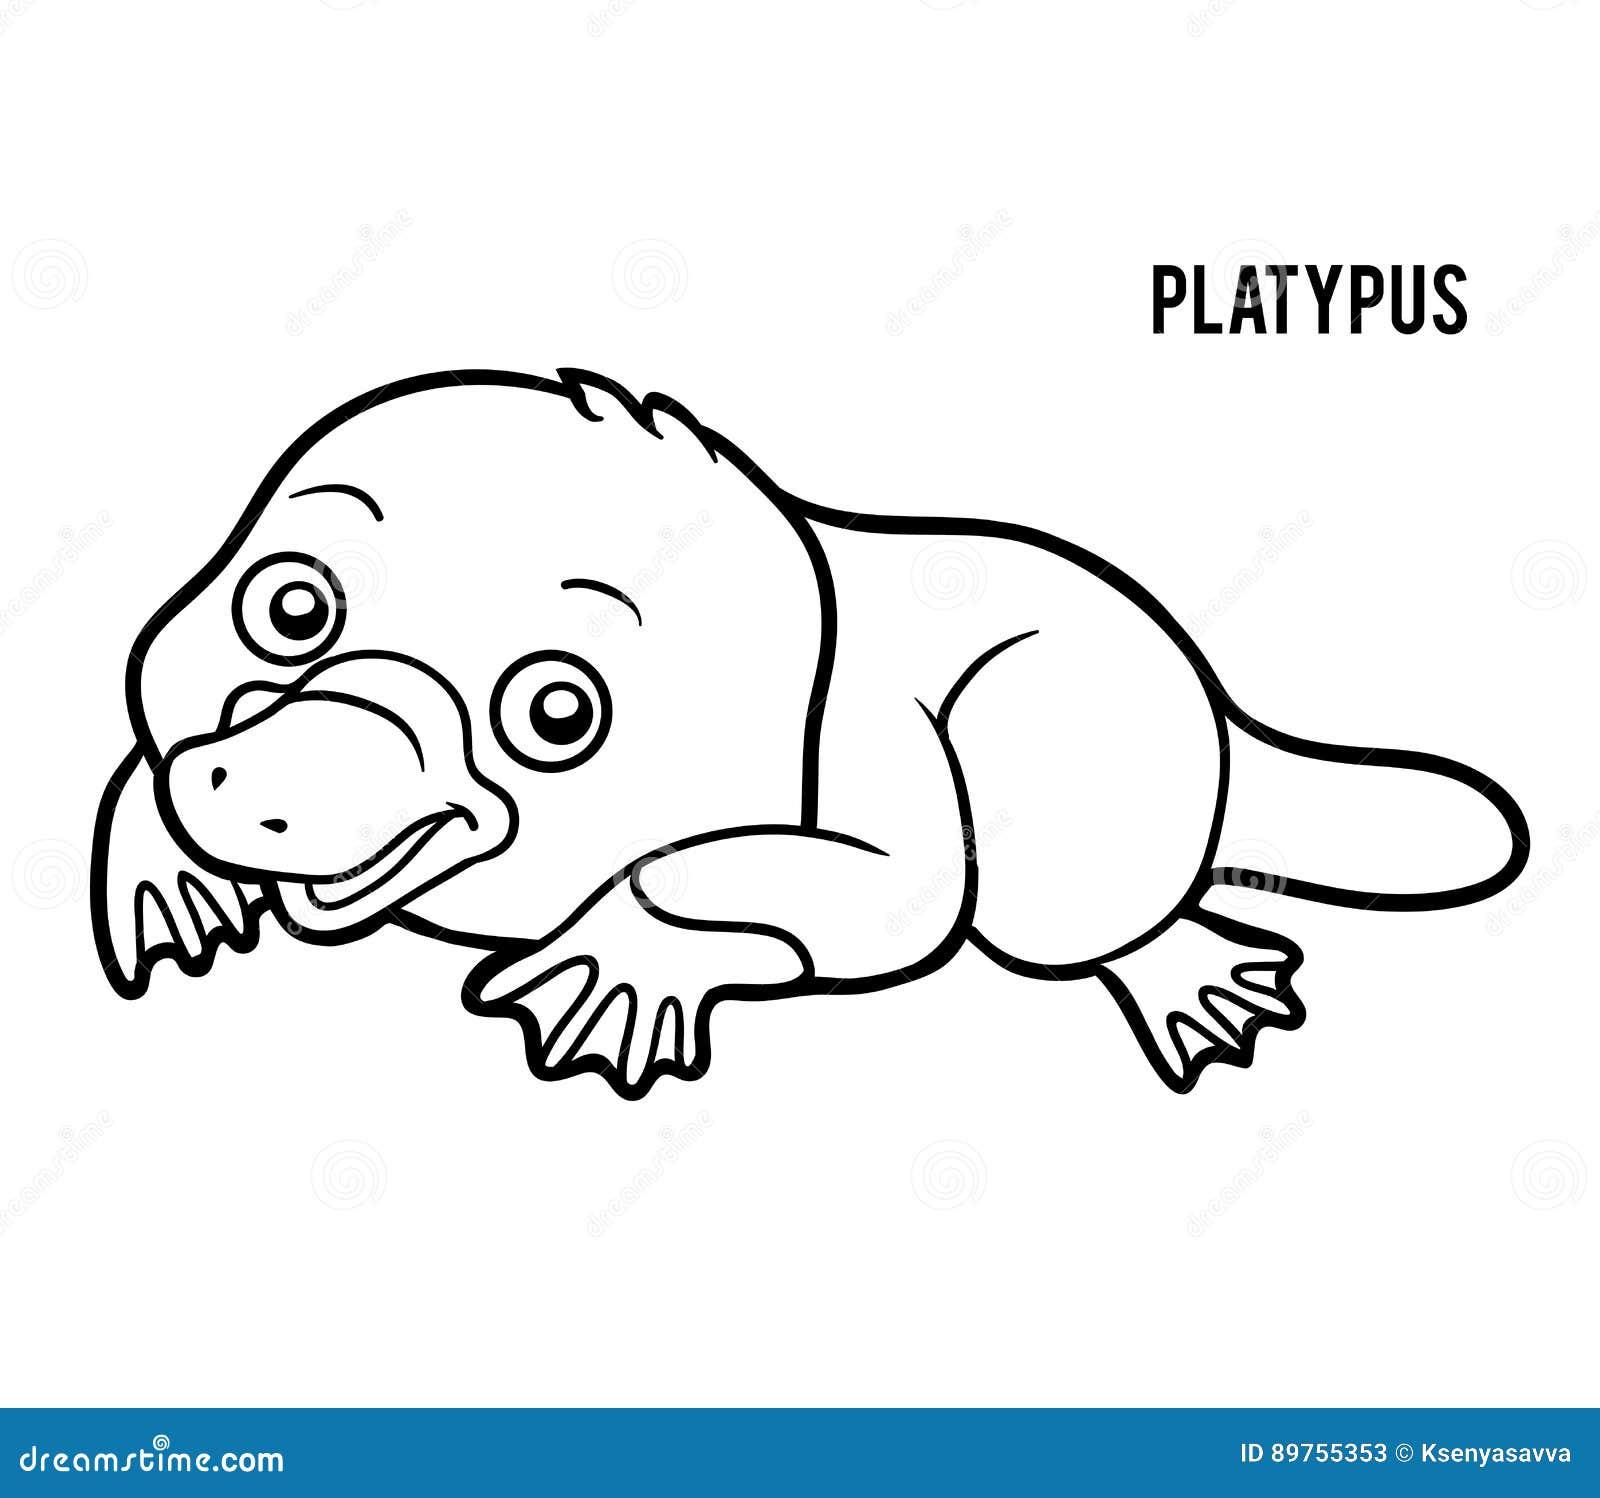 Livre de coloriage ornithorynque illustration de vecteur for Duckbill platypus coloring page